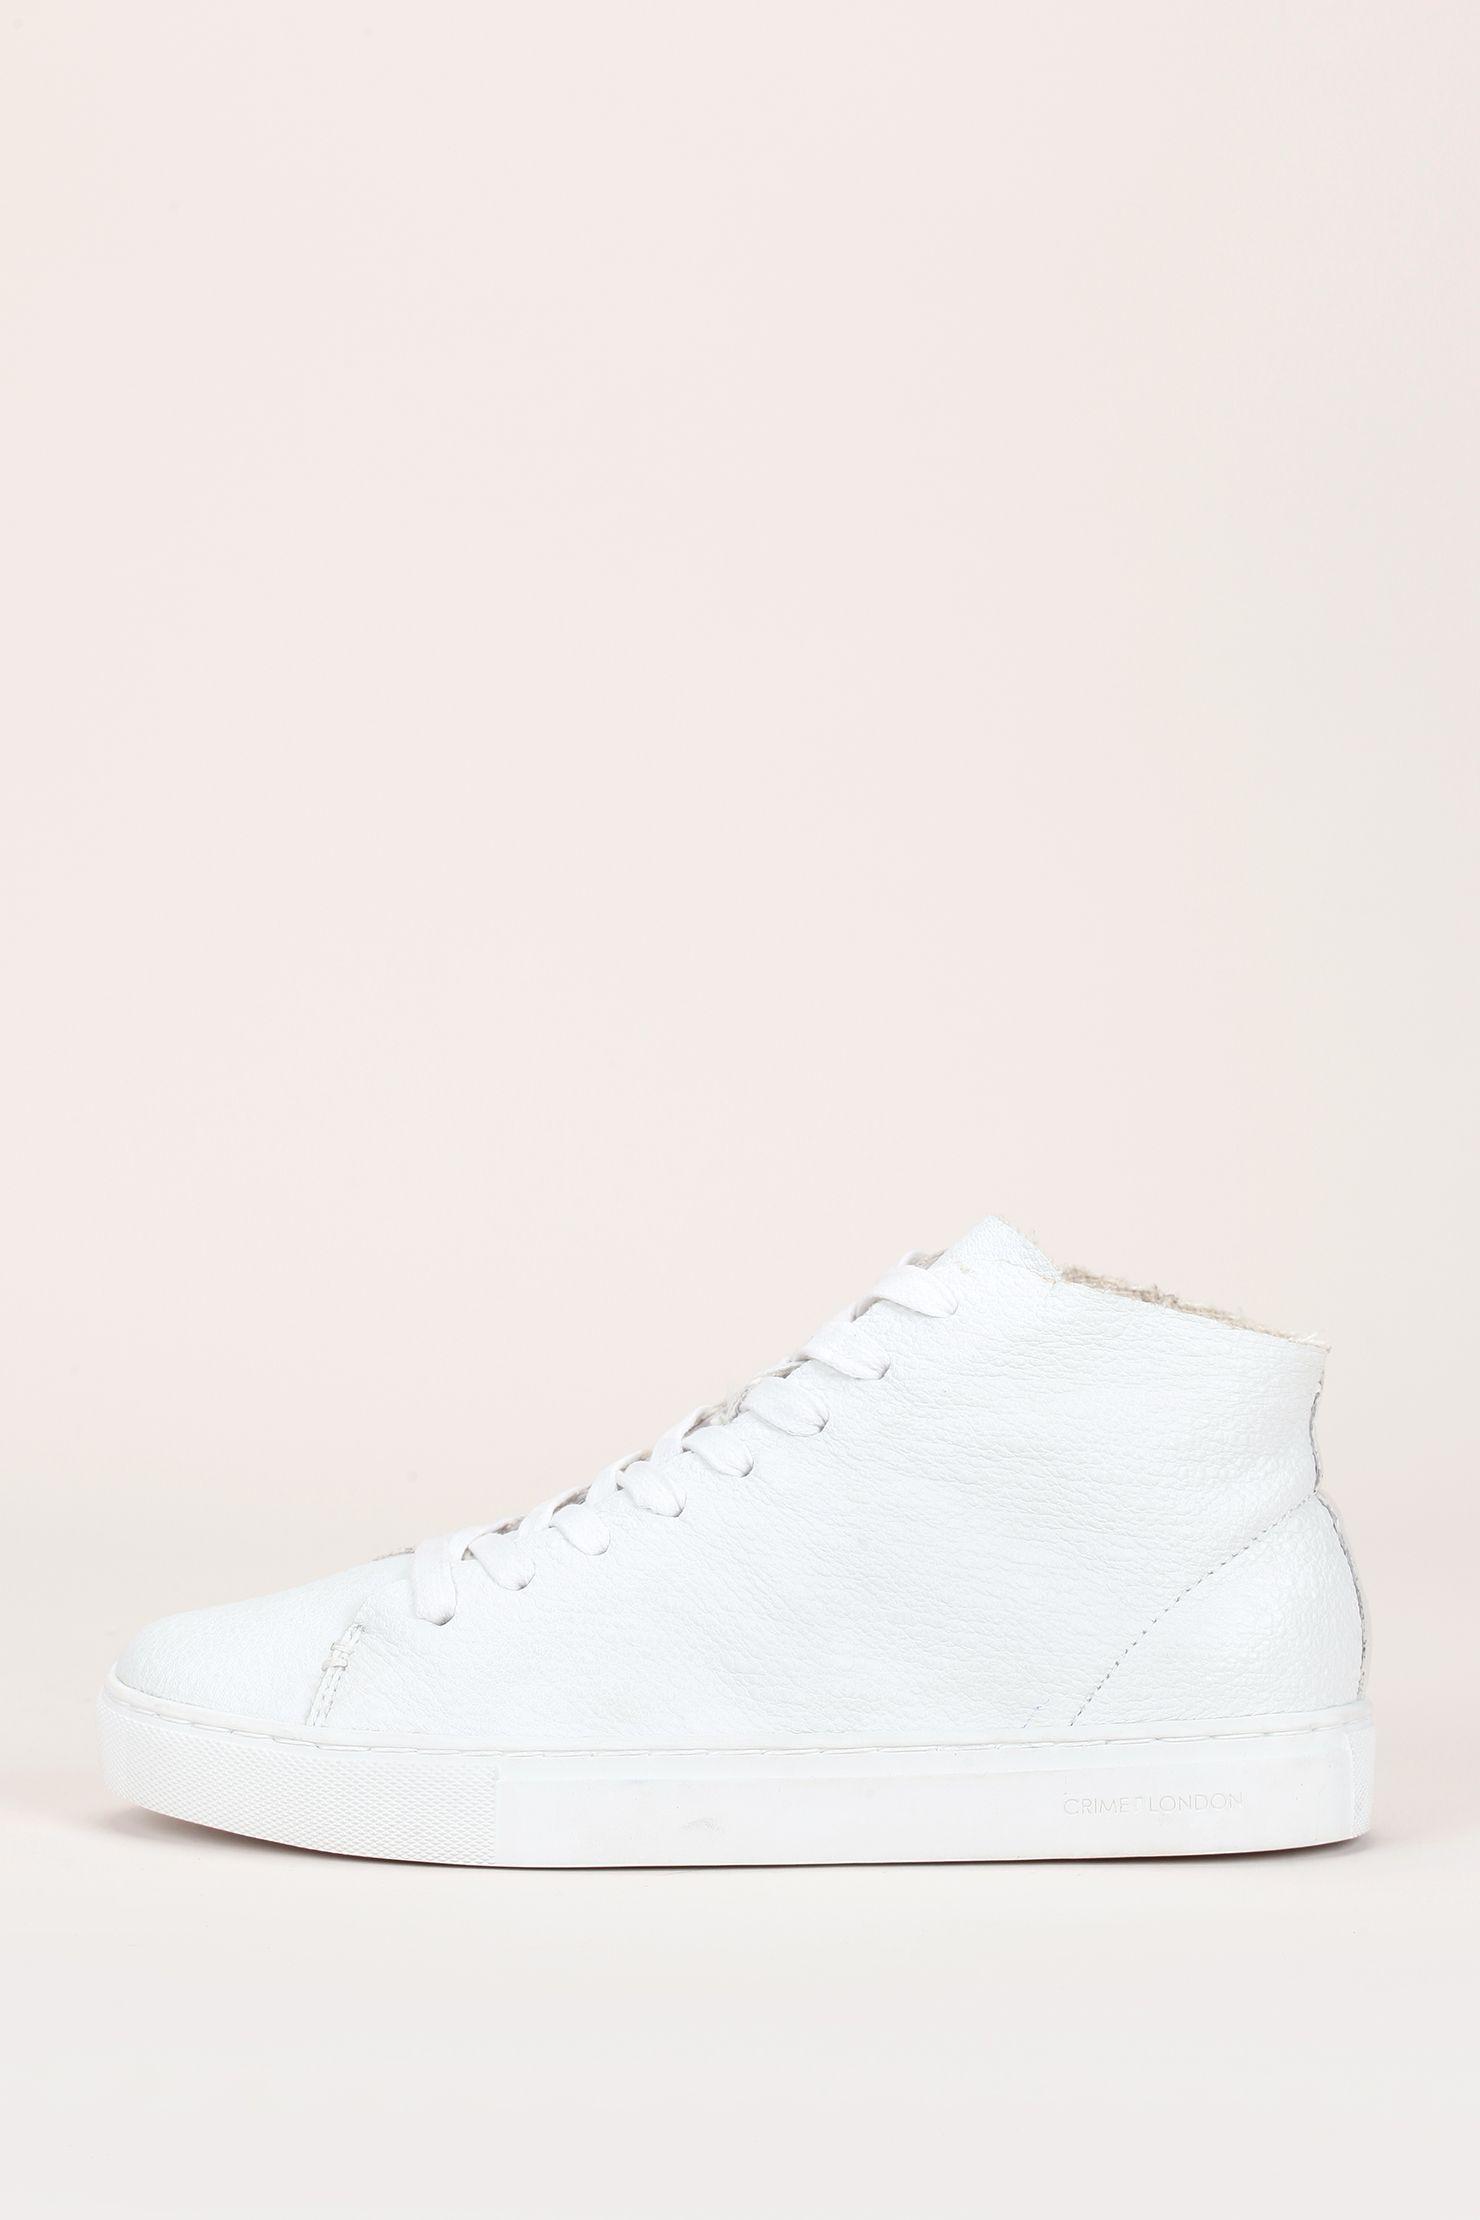 Sneakers montantes en cuir texturé blanc bords francs zoom